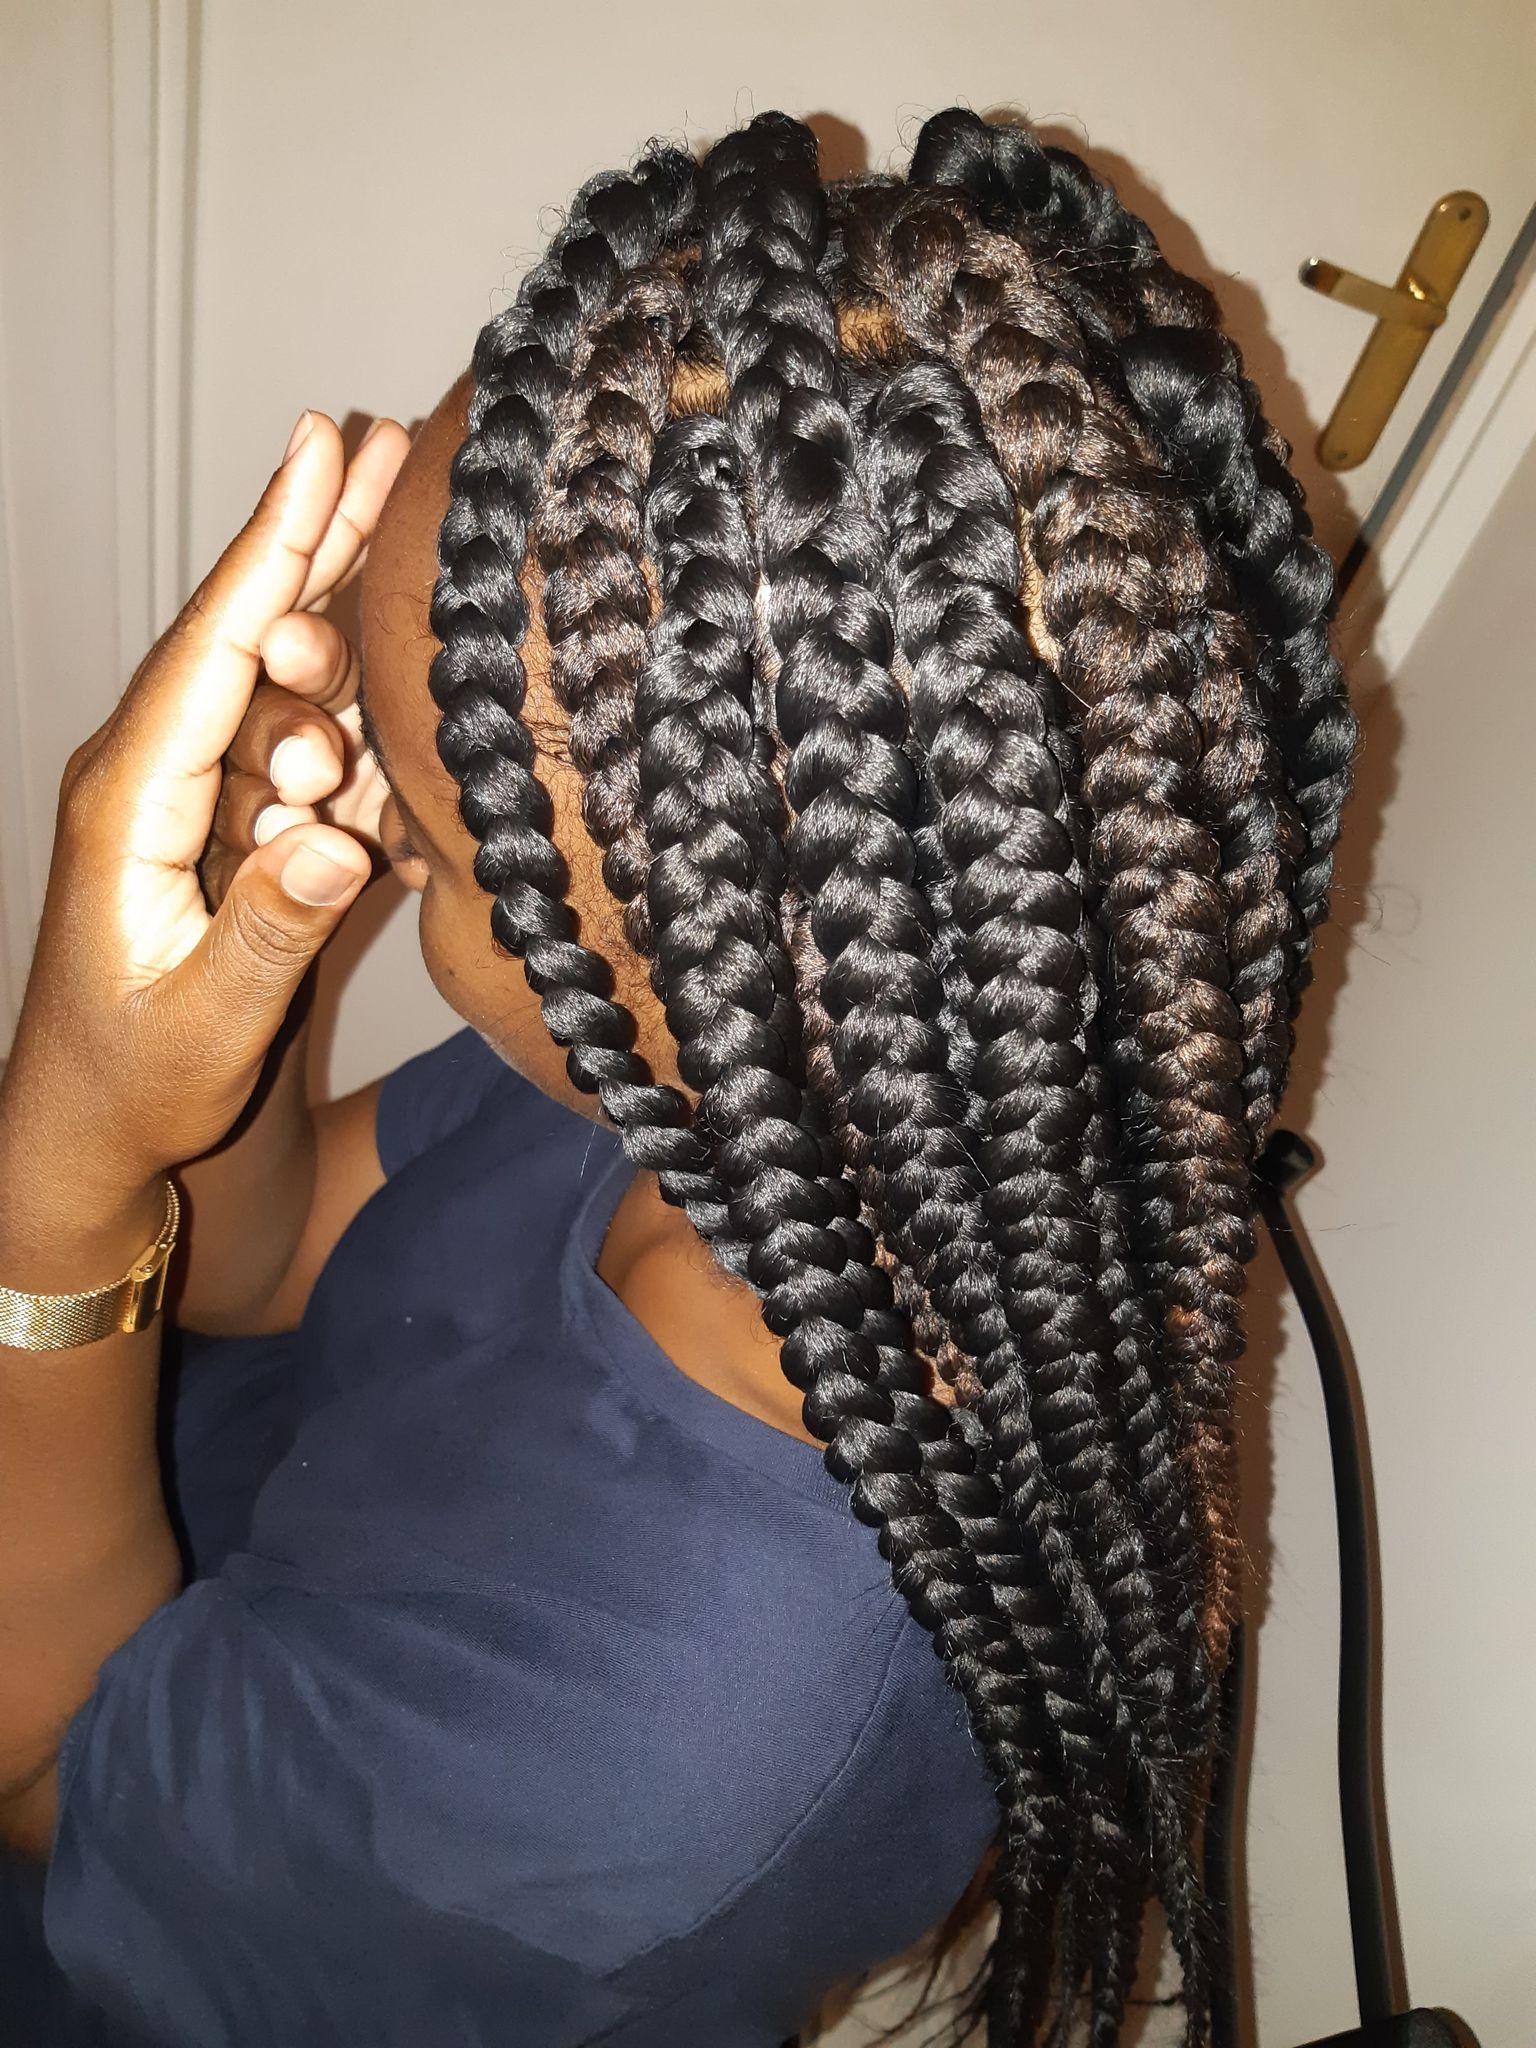 salon de coiffure afro tresse tresses box braids crochet braids vanilles tissages paris 75 77 78 91 92 93 94 95 AEUKMWIR